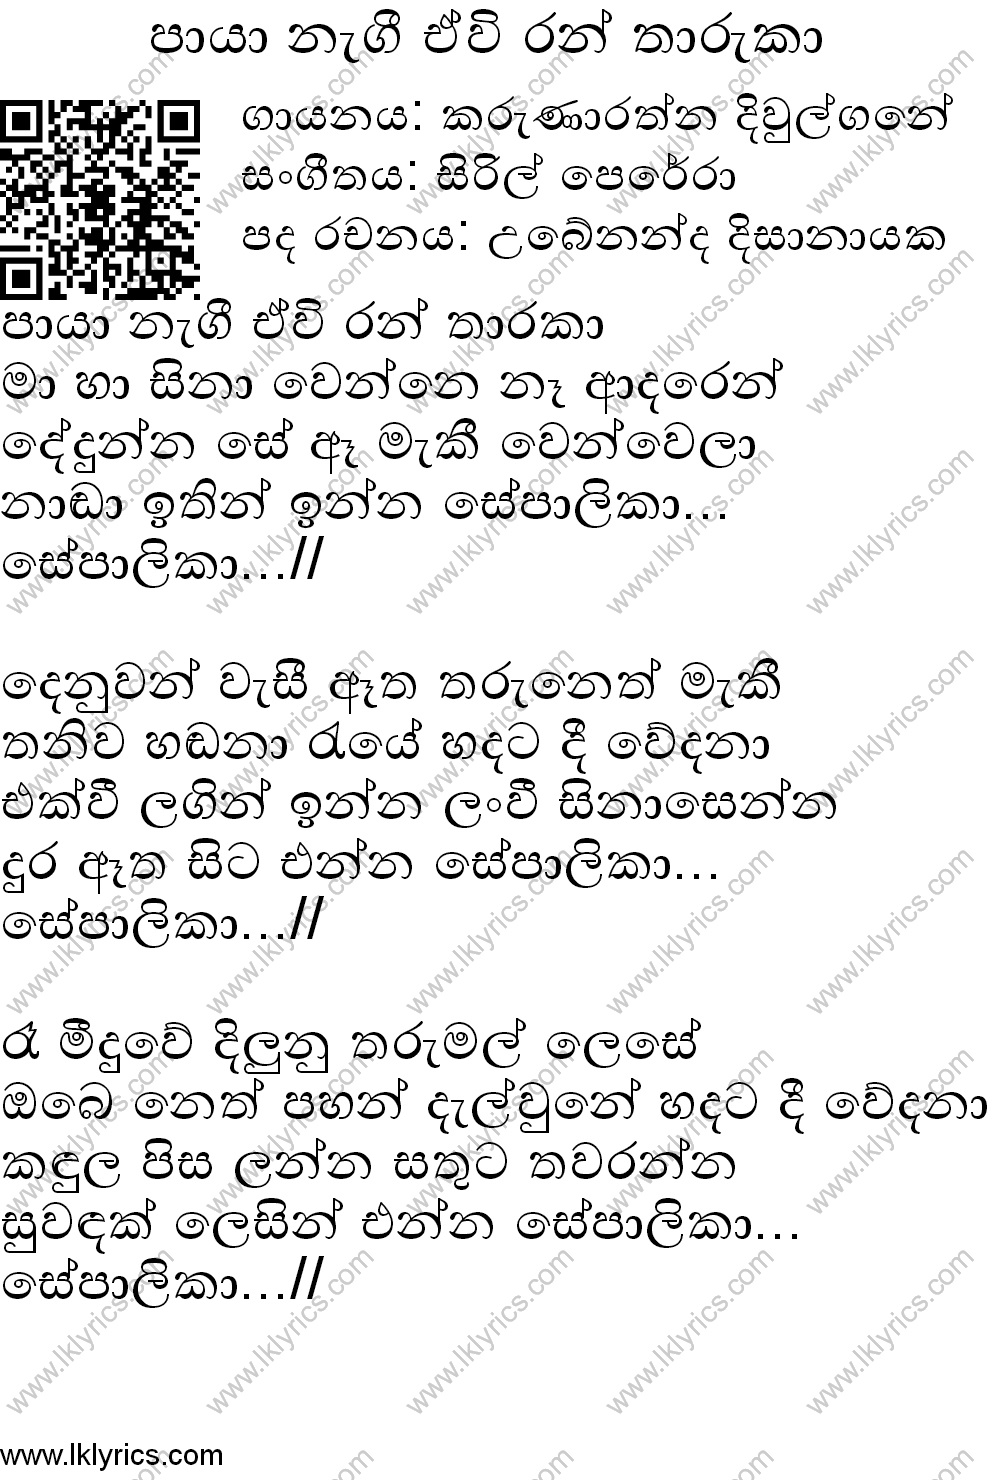 karunarathna divulgane sepalika mp3